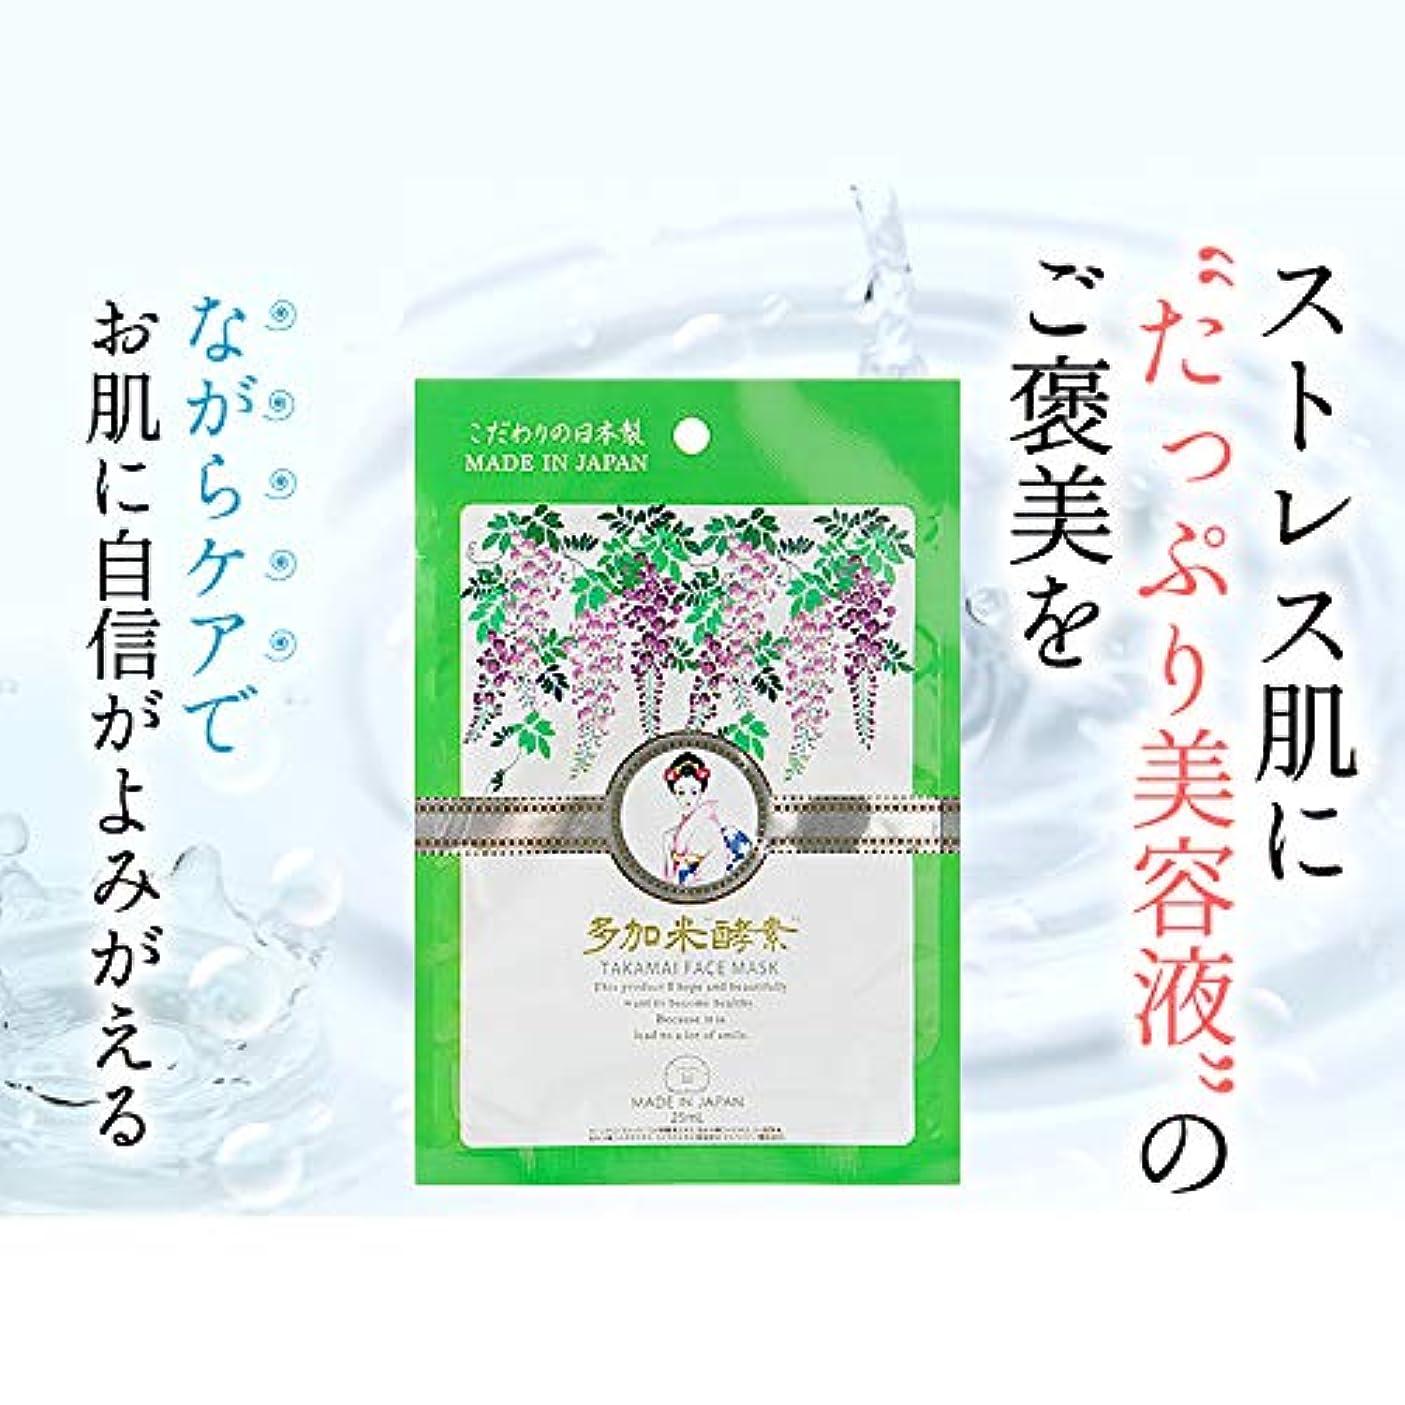 とらえどころのないフェザーガイド多加米酵素フェイスマスク シートマスク フェイスマスク 保湿マスク 美容液 25ml 20枚セット